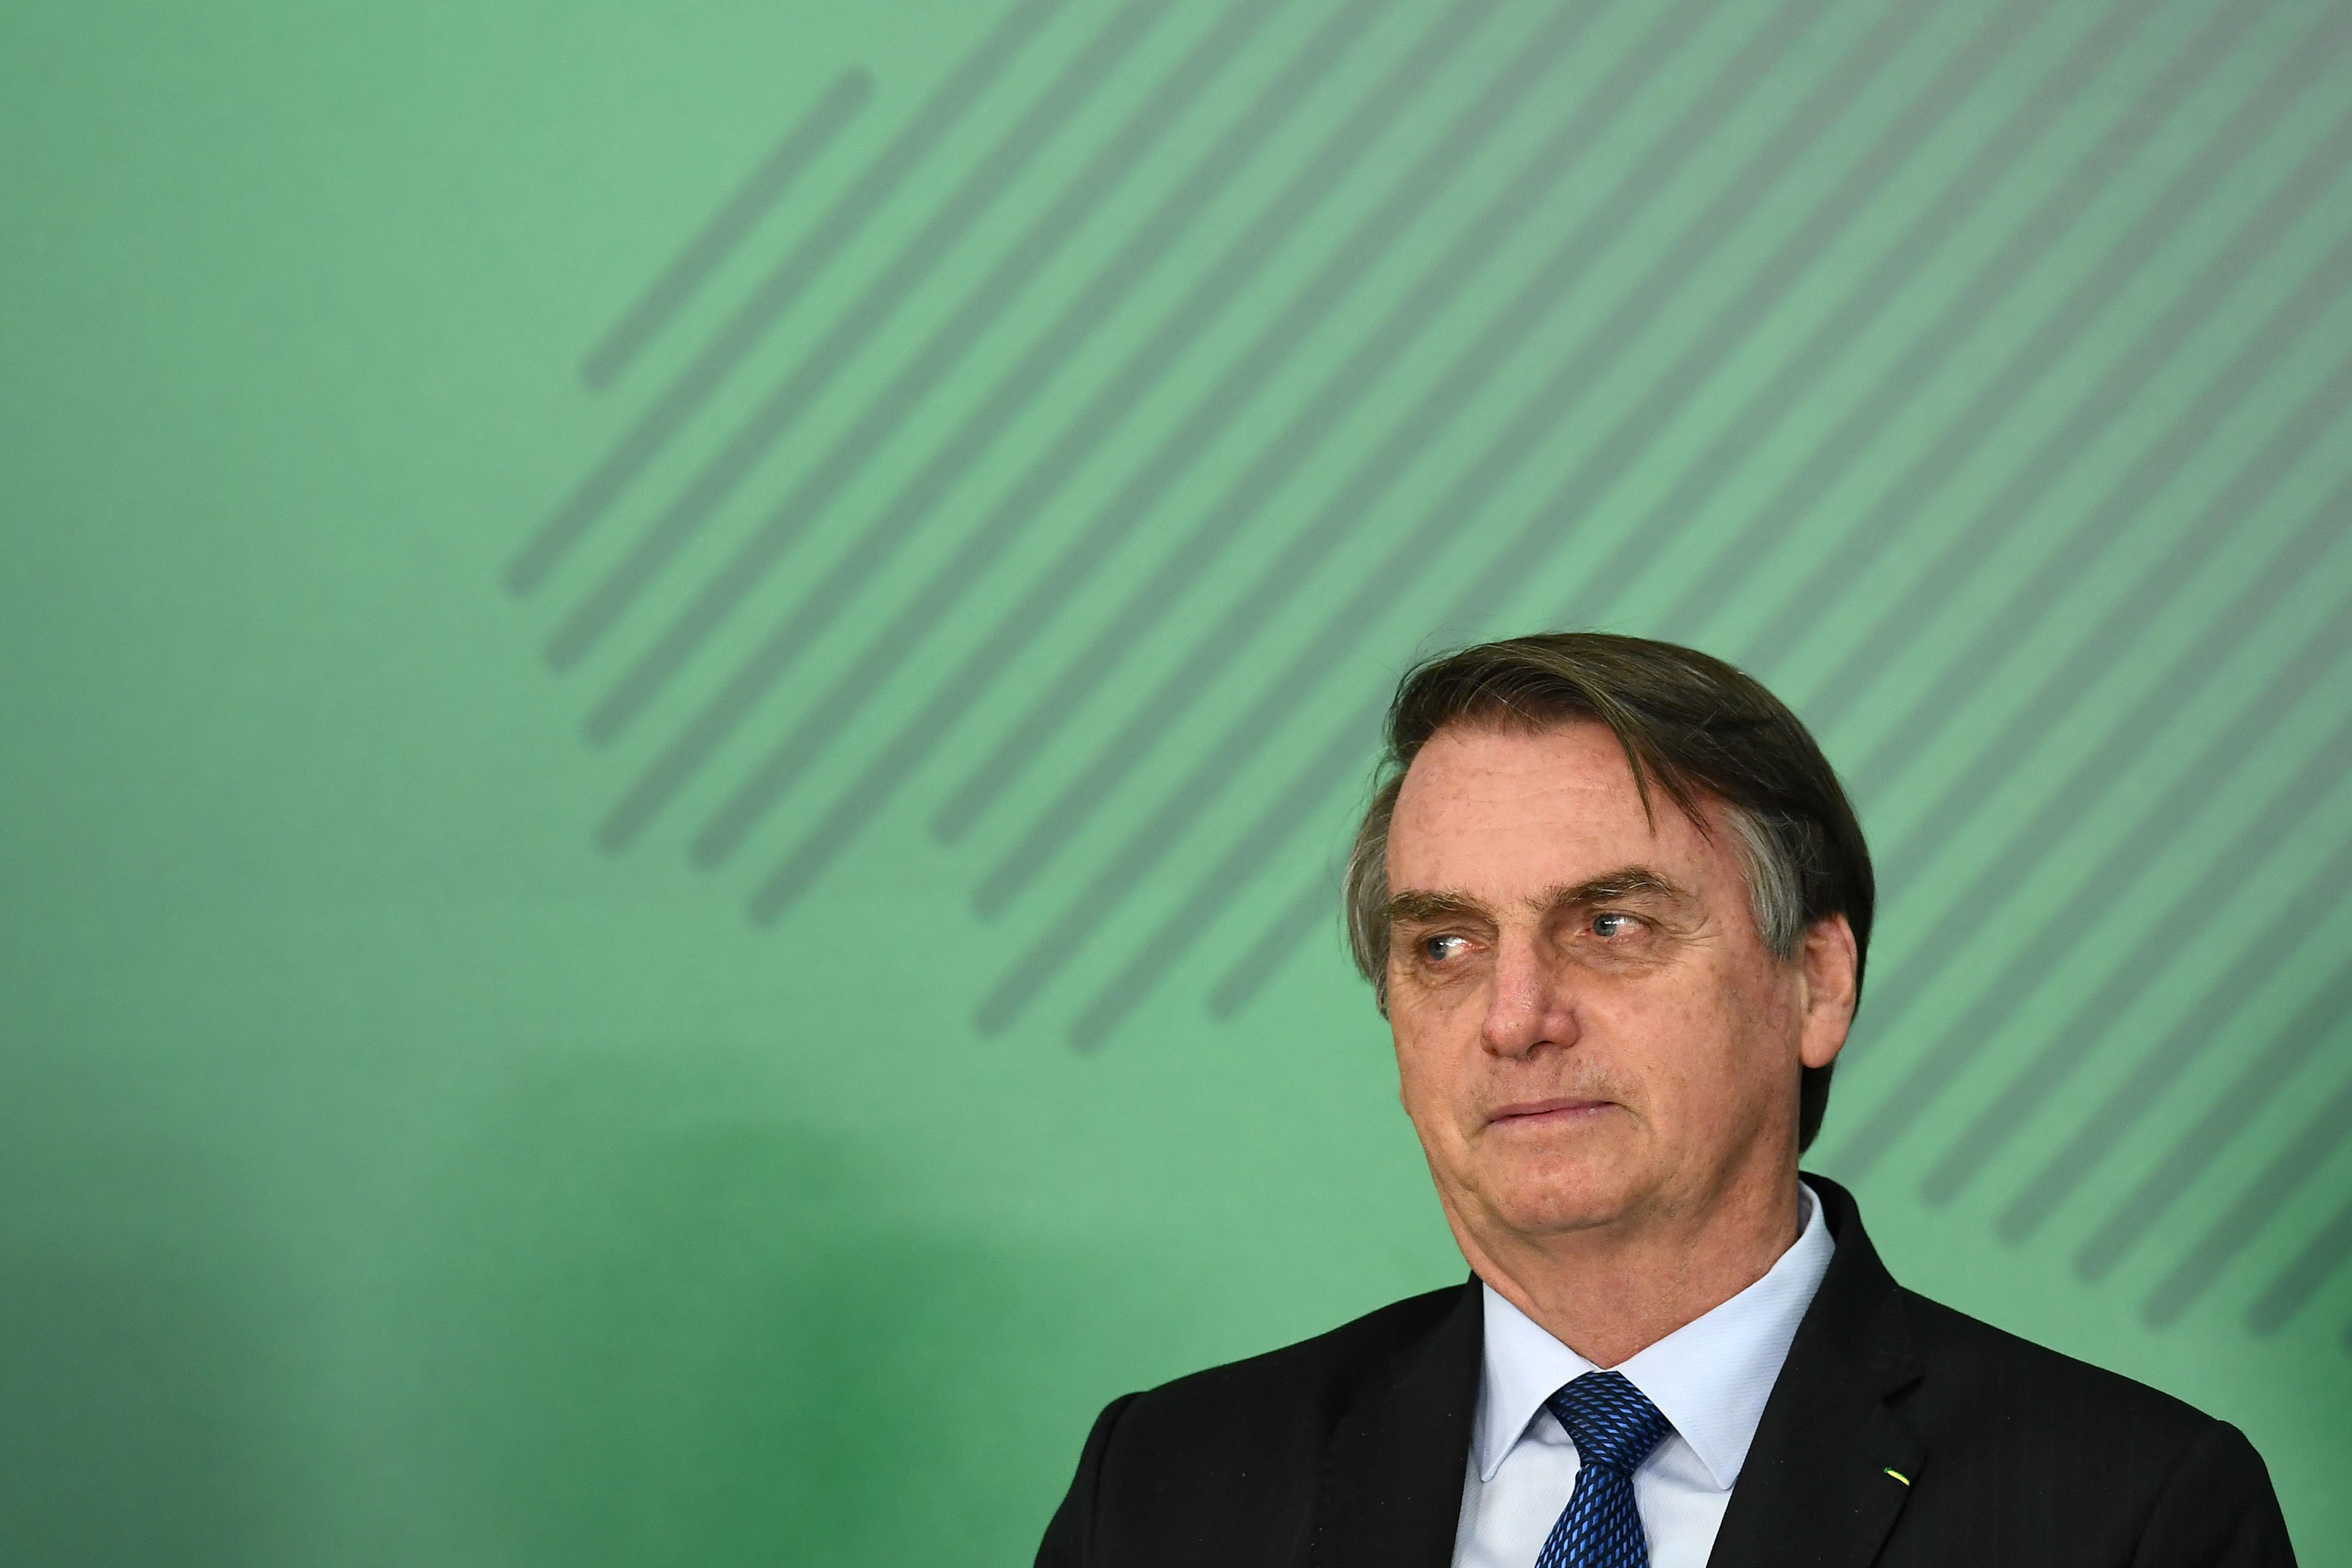 Agenda de Bolsonaro mostra preferência por conversas com o próprio partido e os